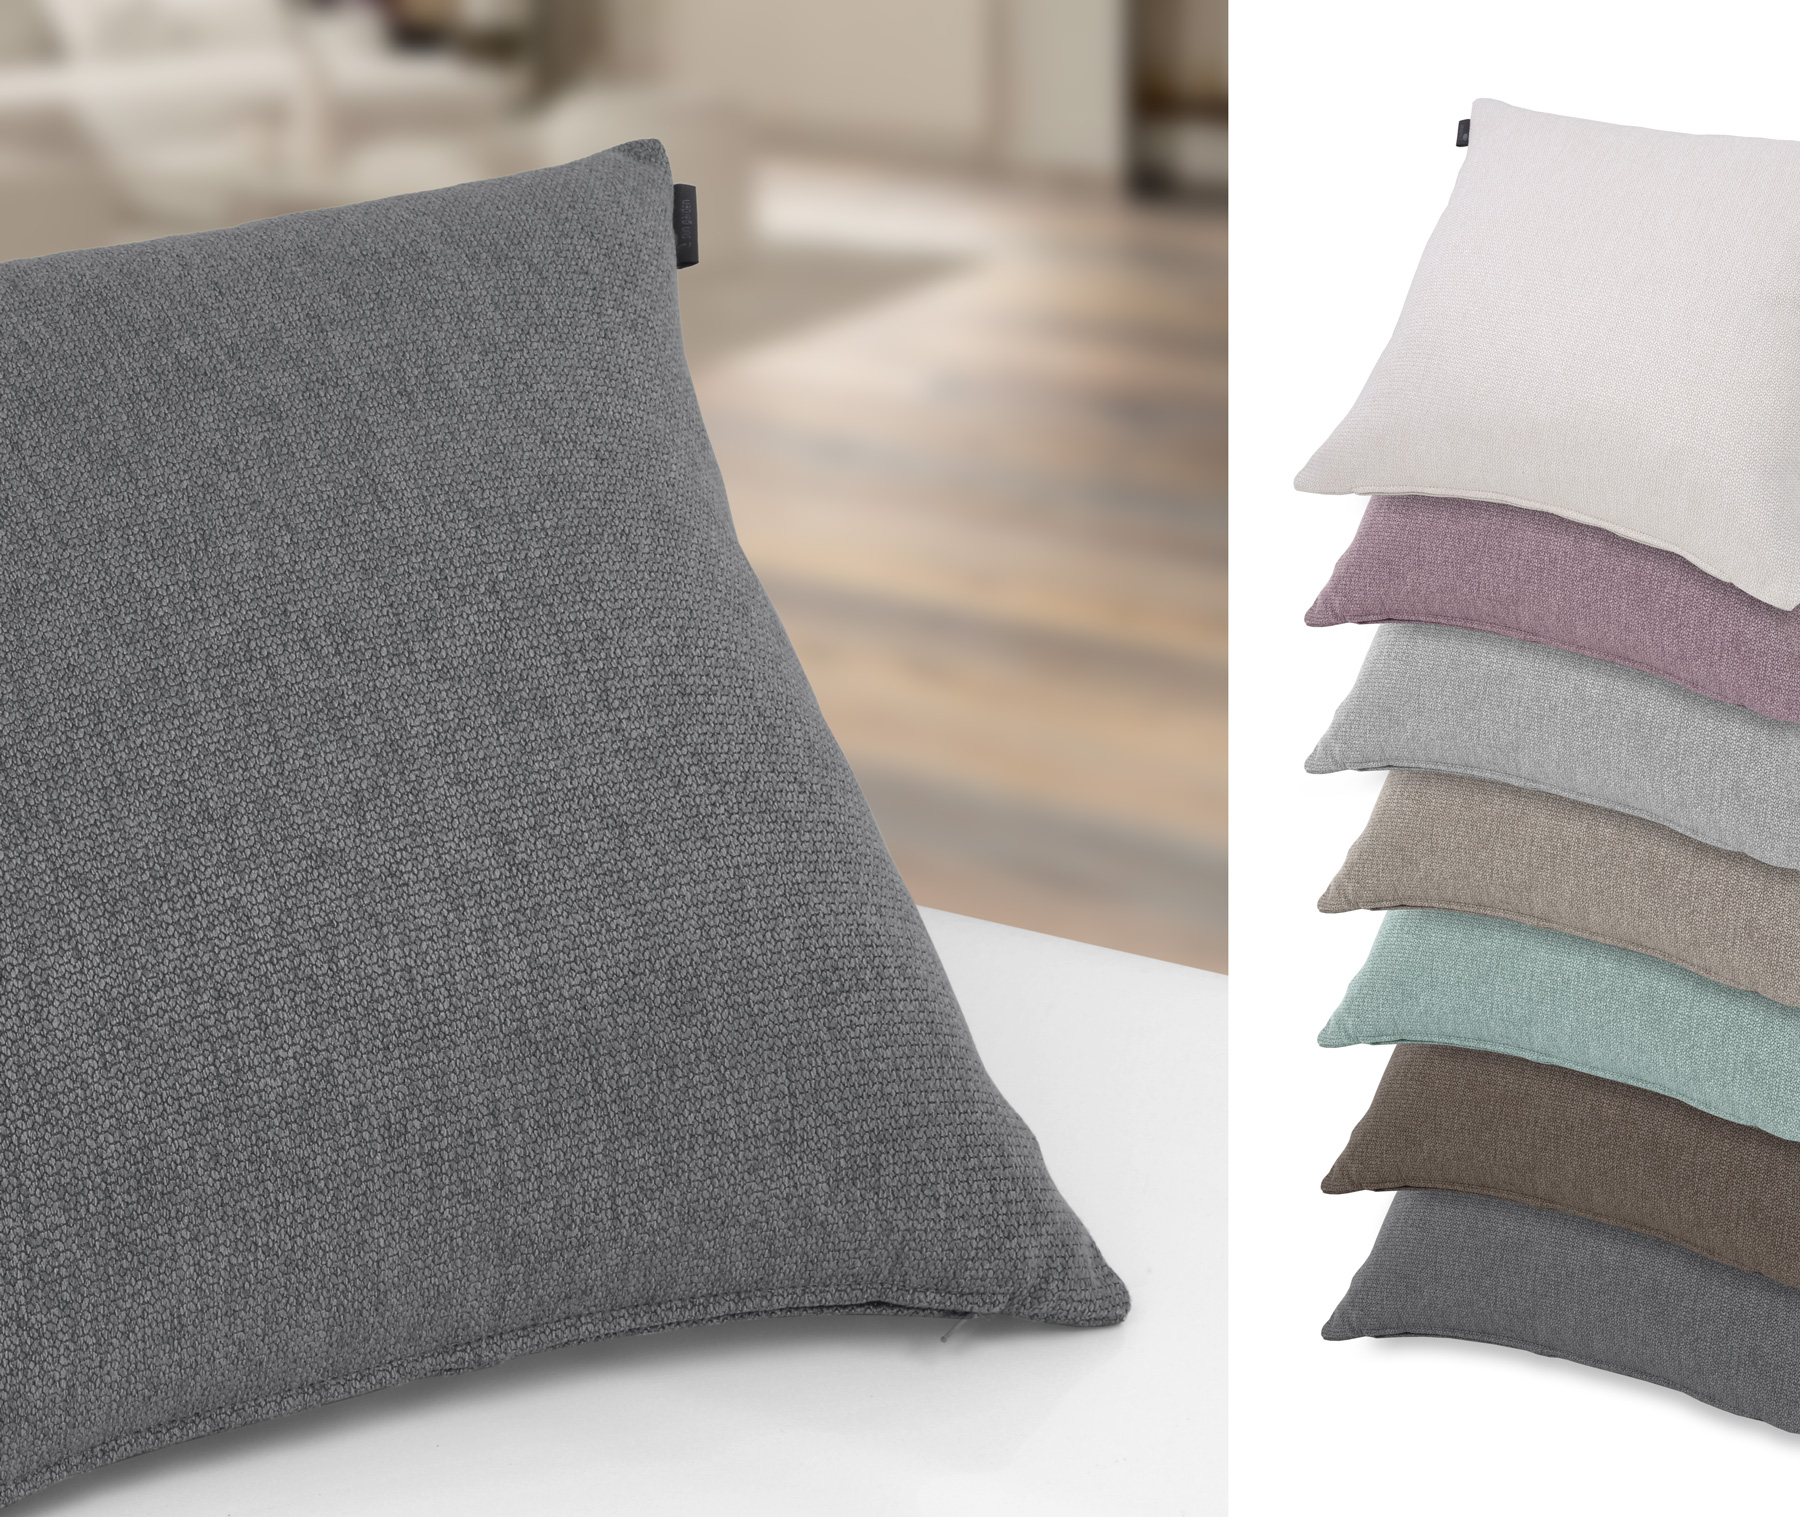 kissenh lle bodenkissen zierkissen sofakissen loft von 40x40 bis 60x60 cm gr e und farbe. Black Bedroom Furniture Sets. Home Design Ideas